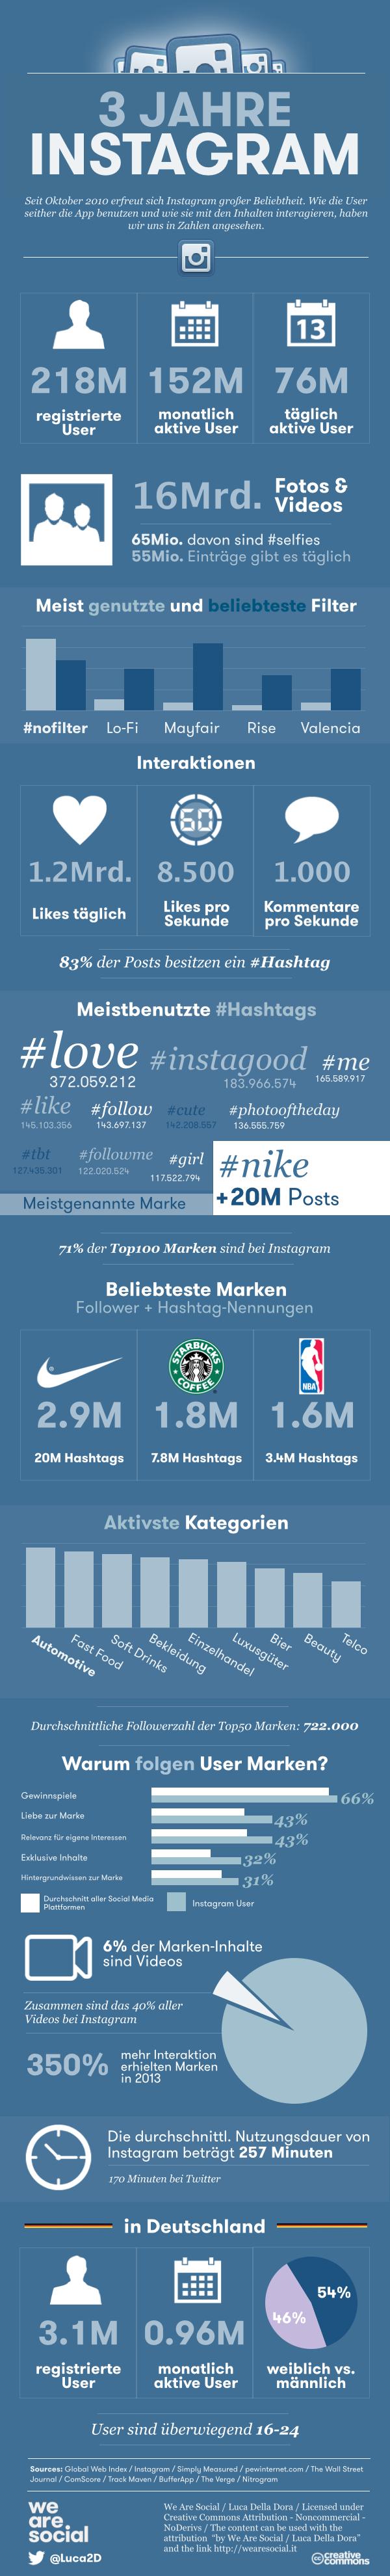 infografik instagram.001